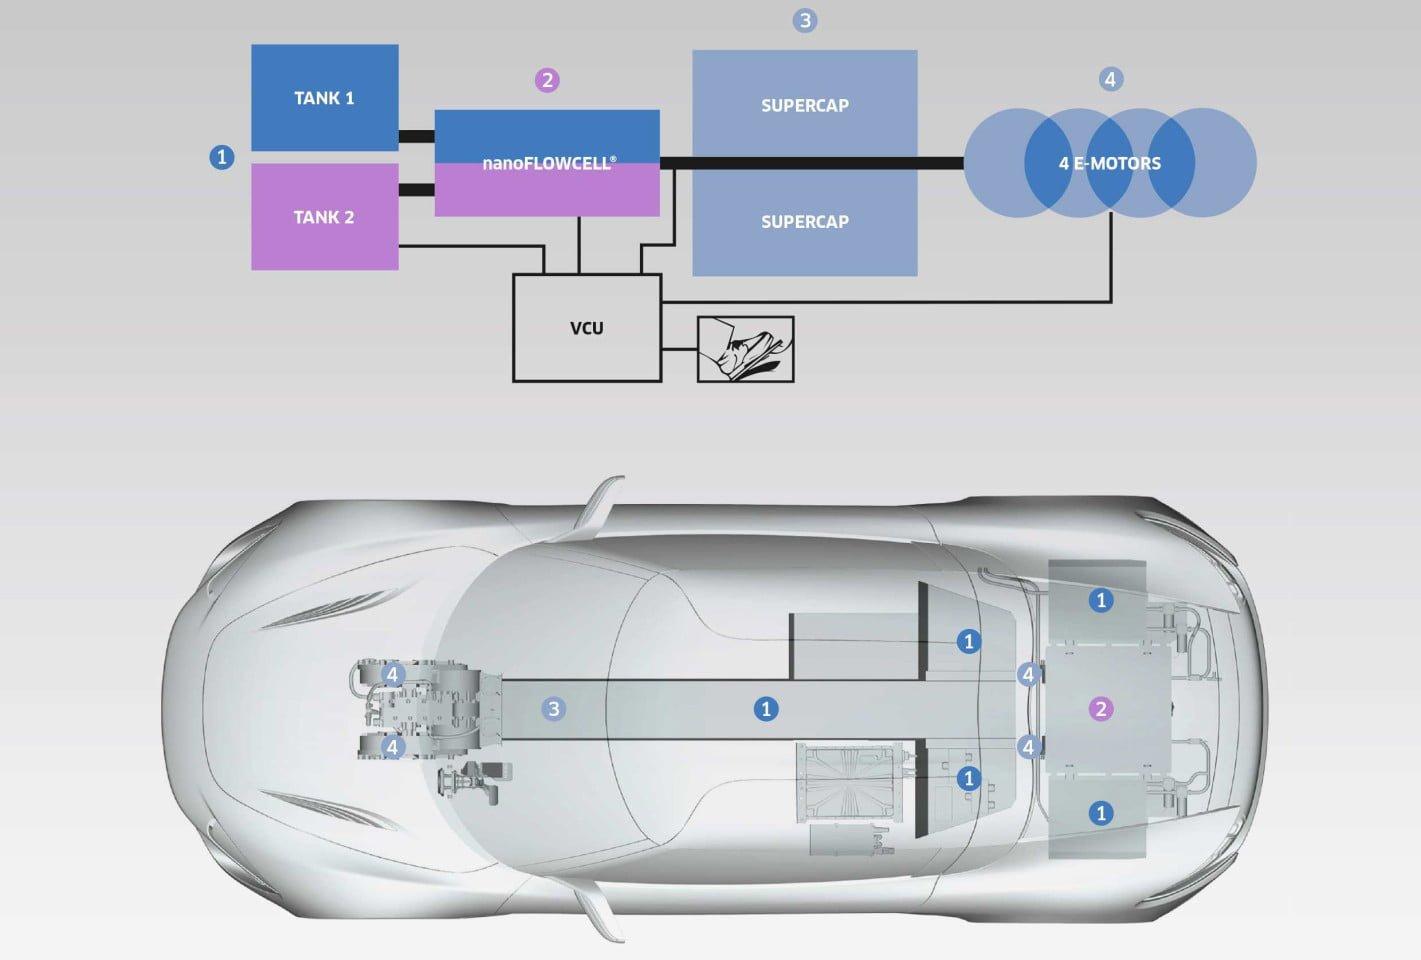 Infografica che cerca di spiegare il funzionamento della tecnologia nanoFlowcell sulla QUANT E